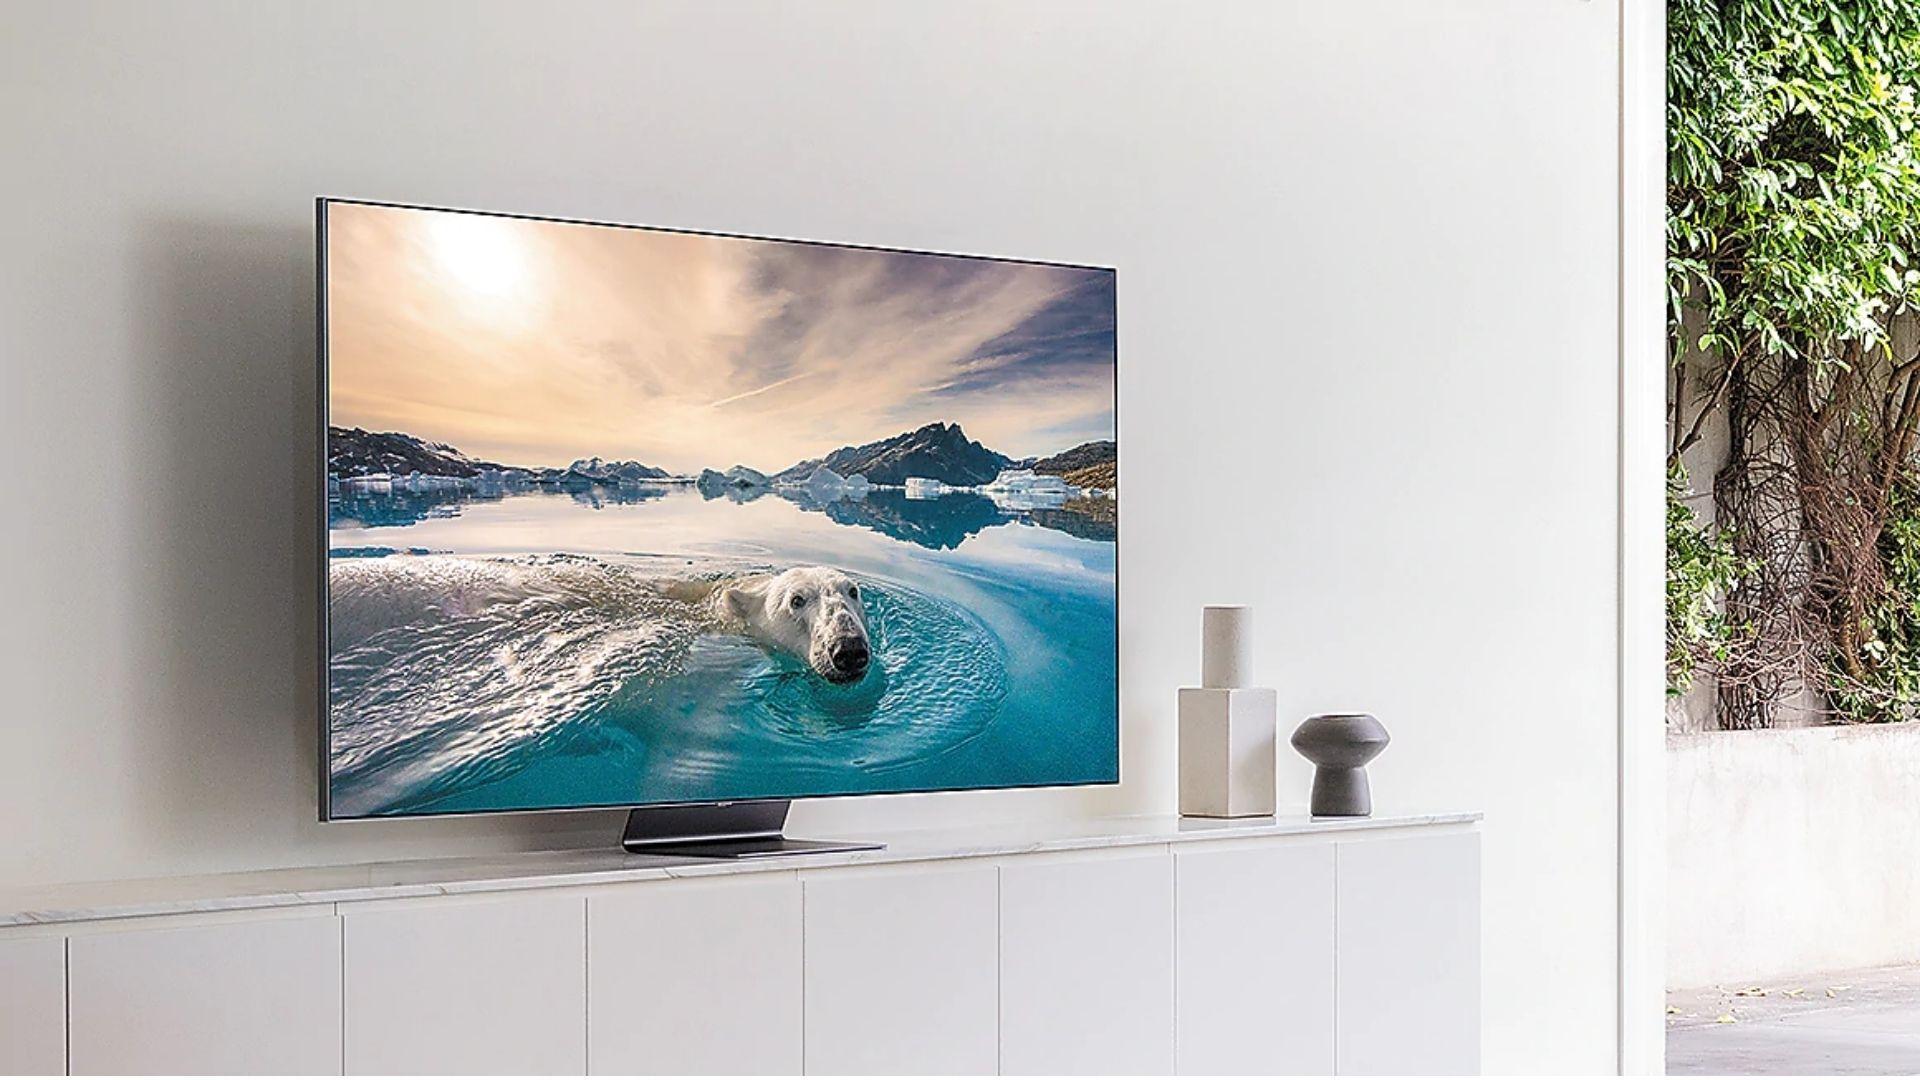 Tela da Samsung Q95T tem tecnologia QLED e resolução 4K. (Imagem: Divulgação/Samsung)